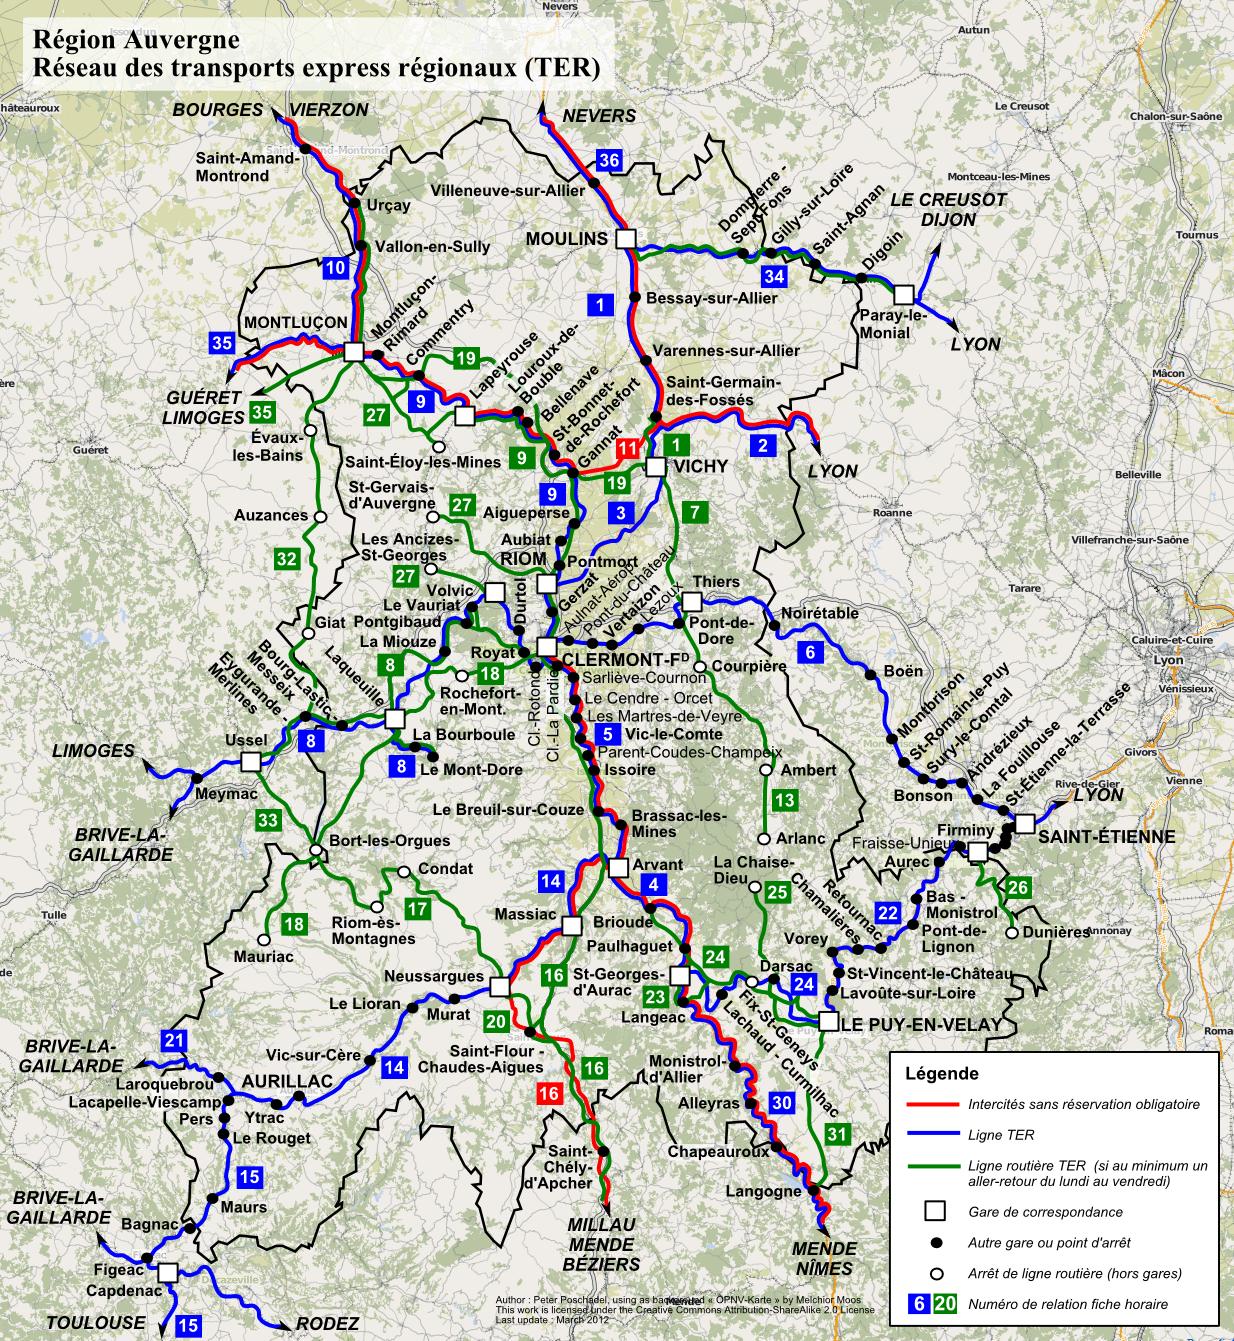 В Le Puy-en-Velay на поезде: Схема региональных поездов TER в регионе Овернь